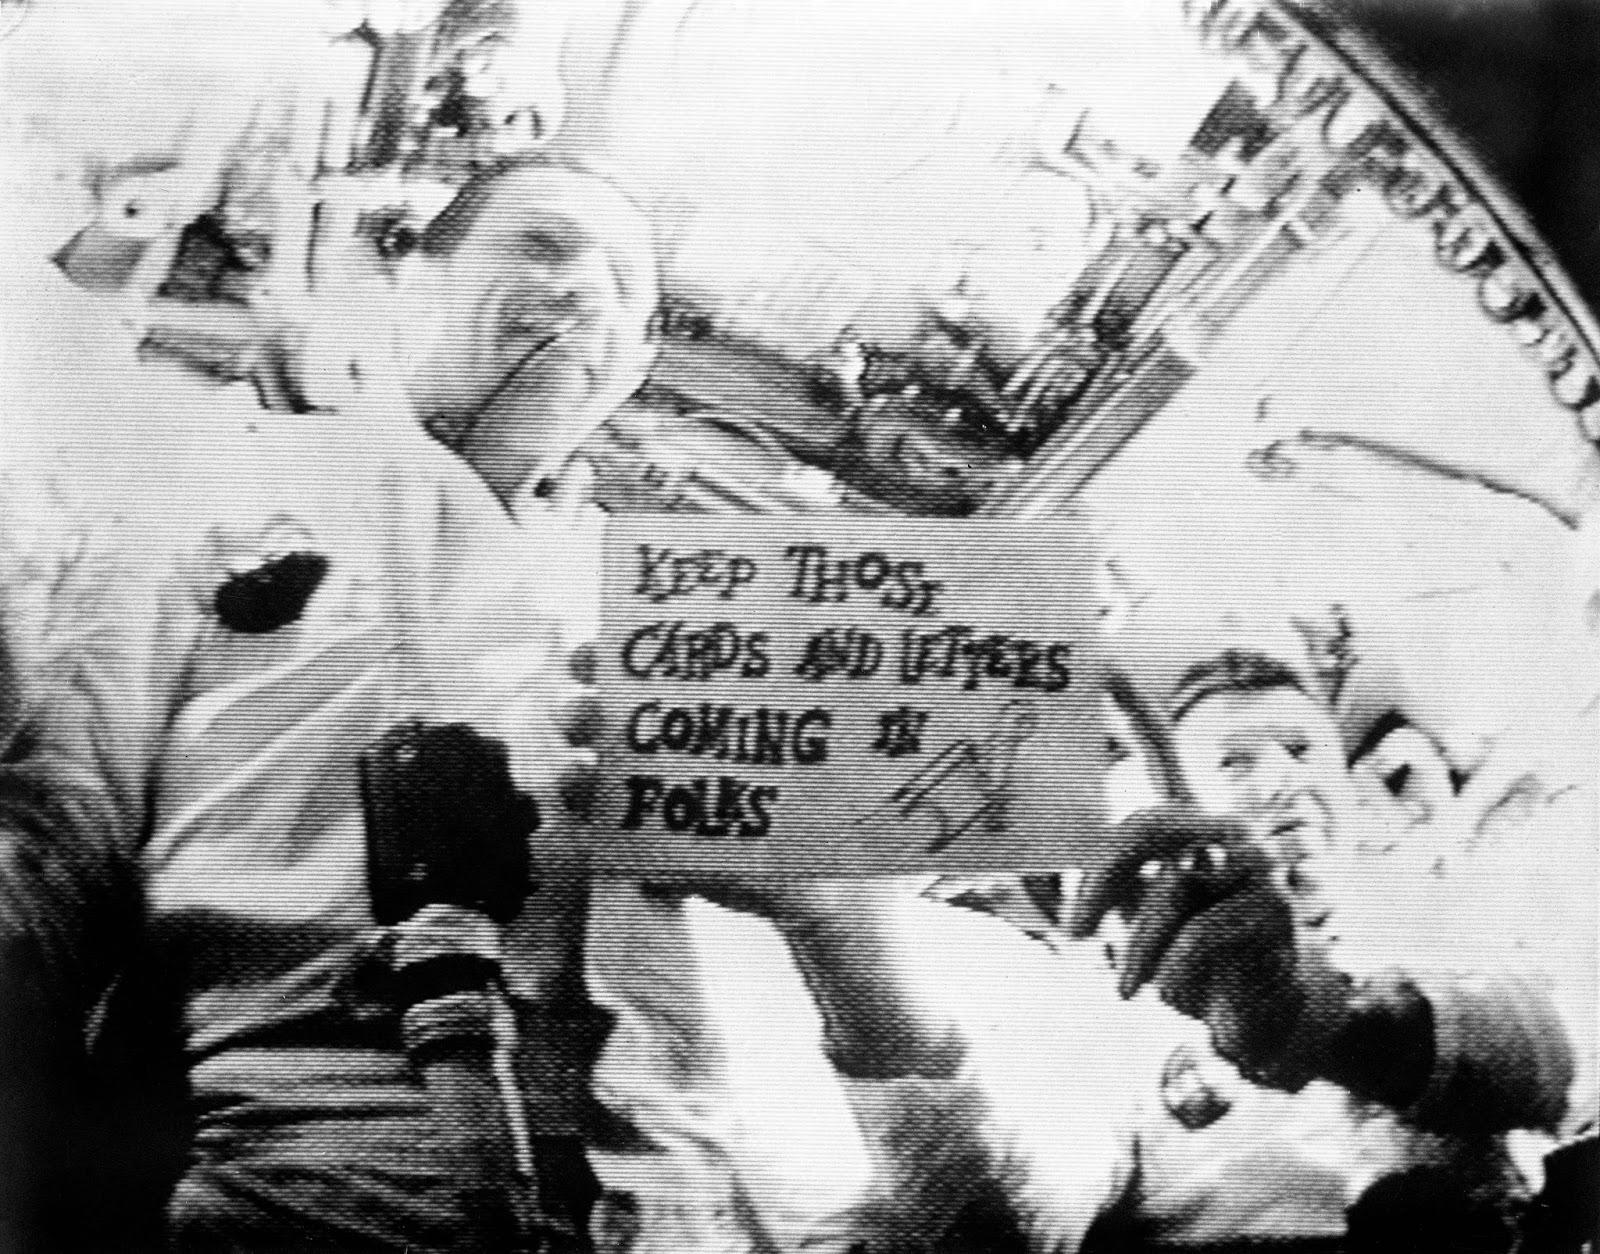 Apolo 7 astronautas en retransmisión de televisión